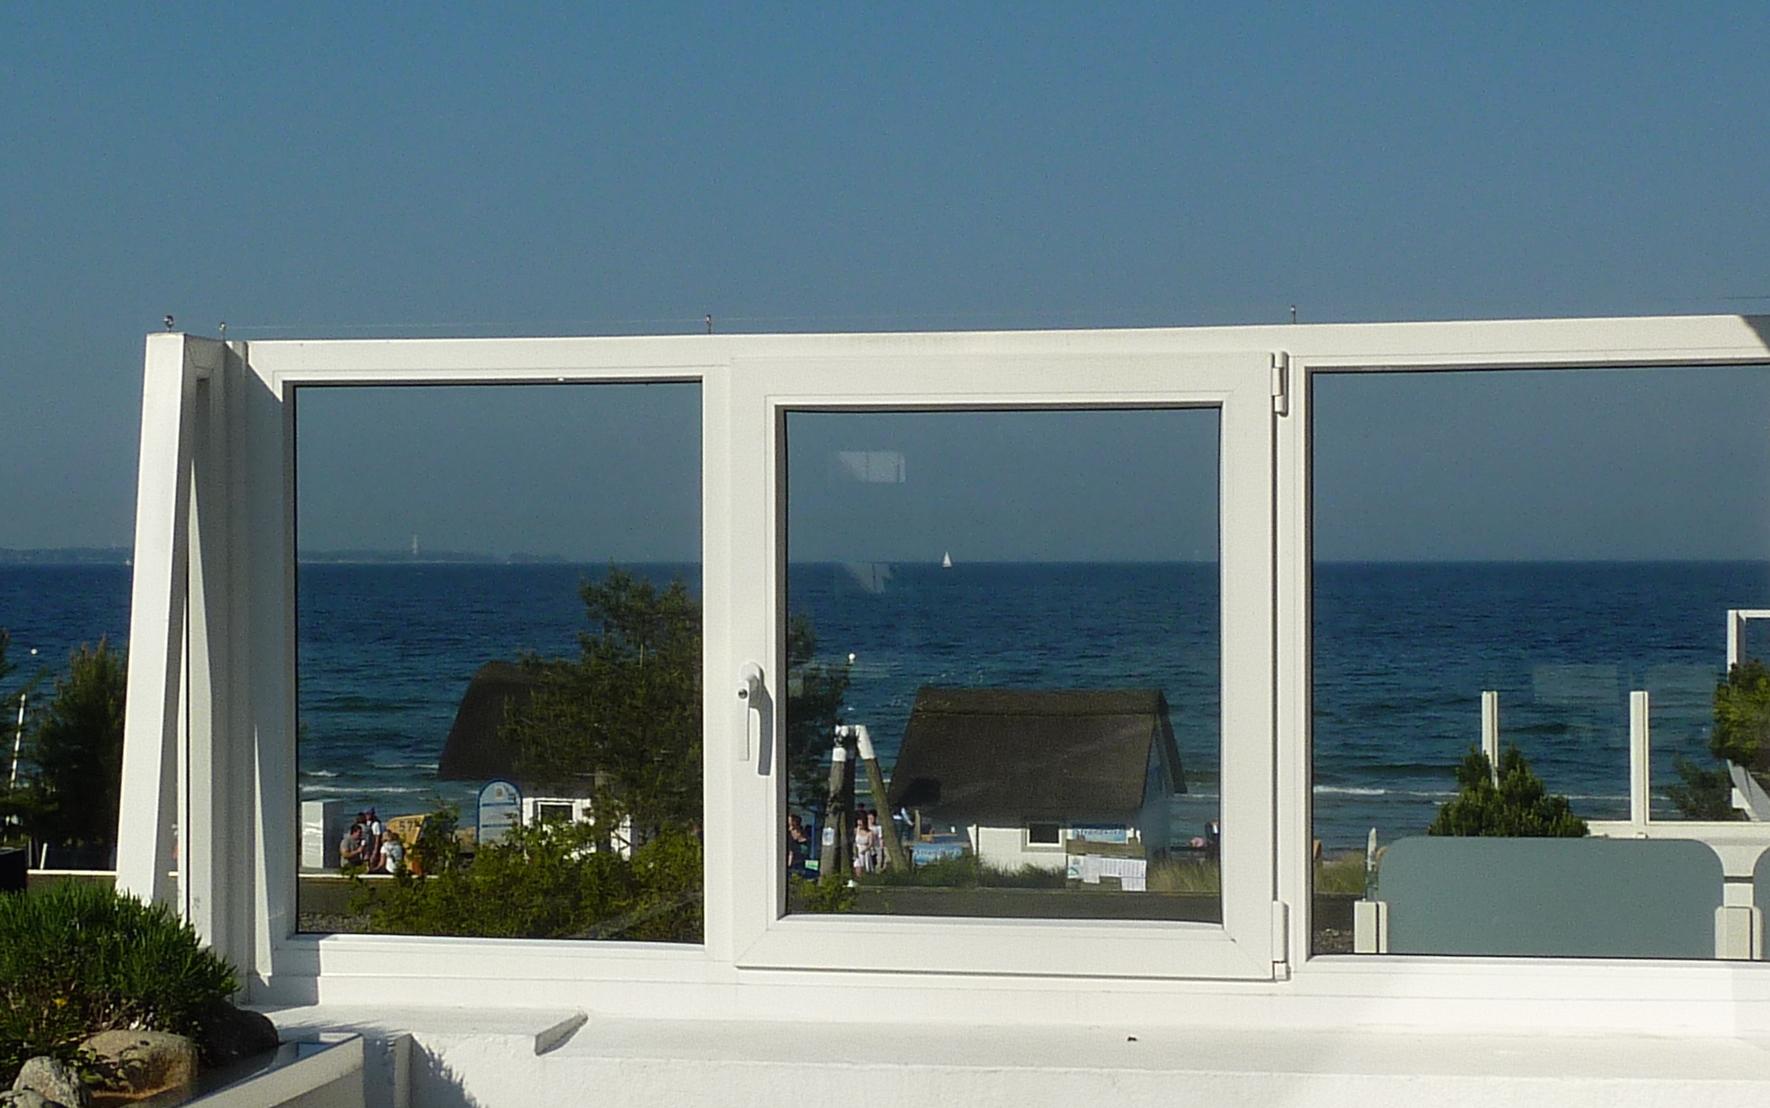 6 - Meeresblick von der Terrasse aus